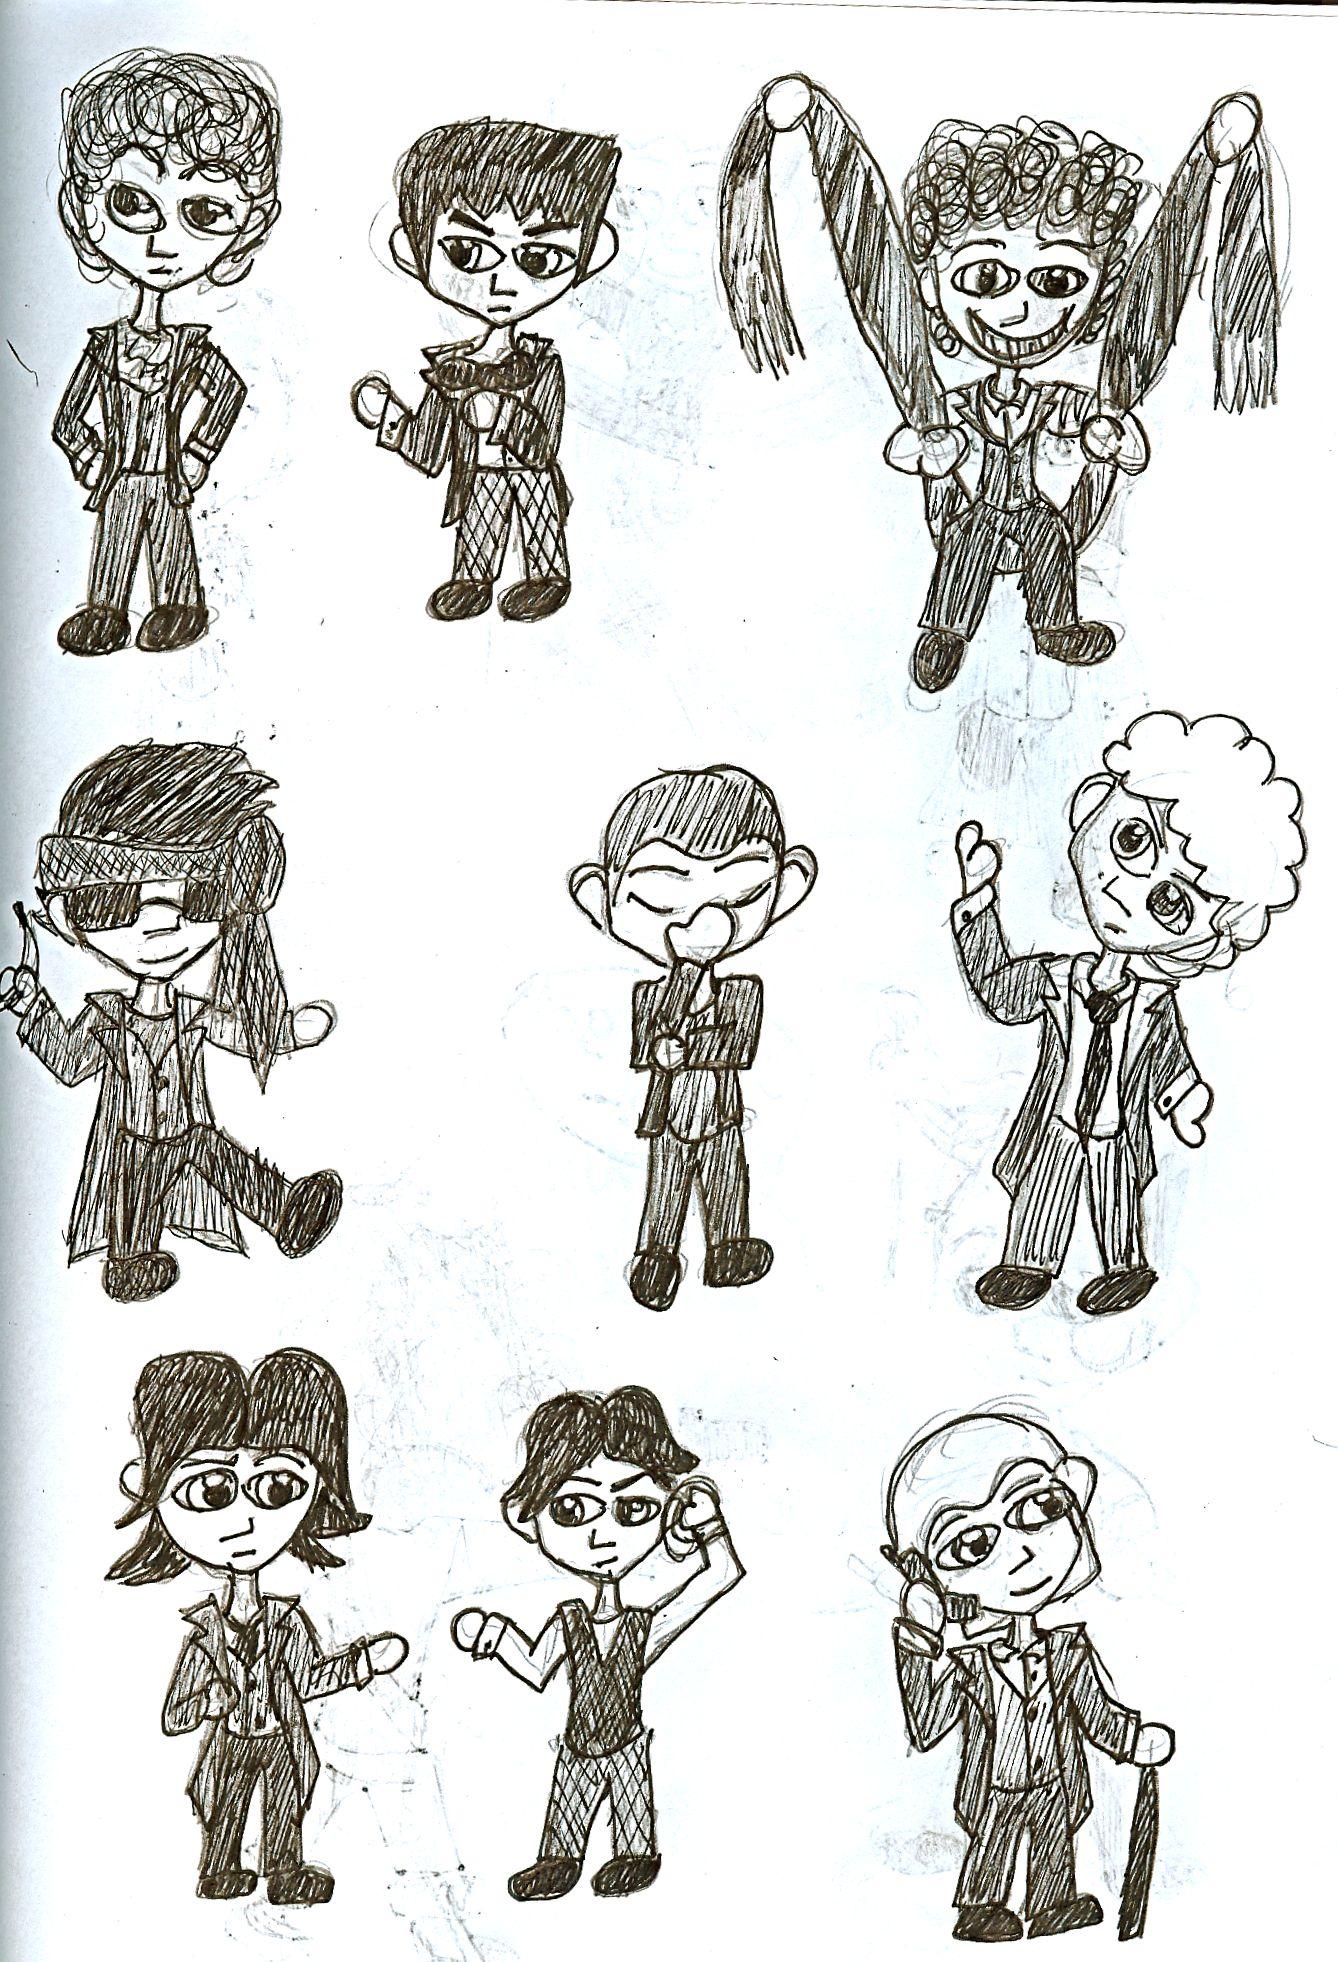 Kelsie's awesome drawings!